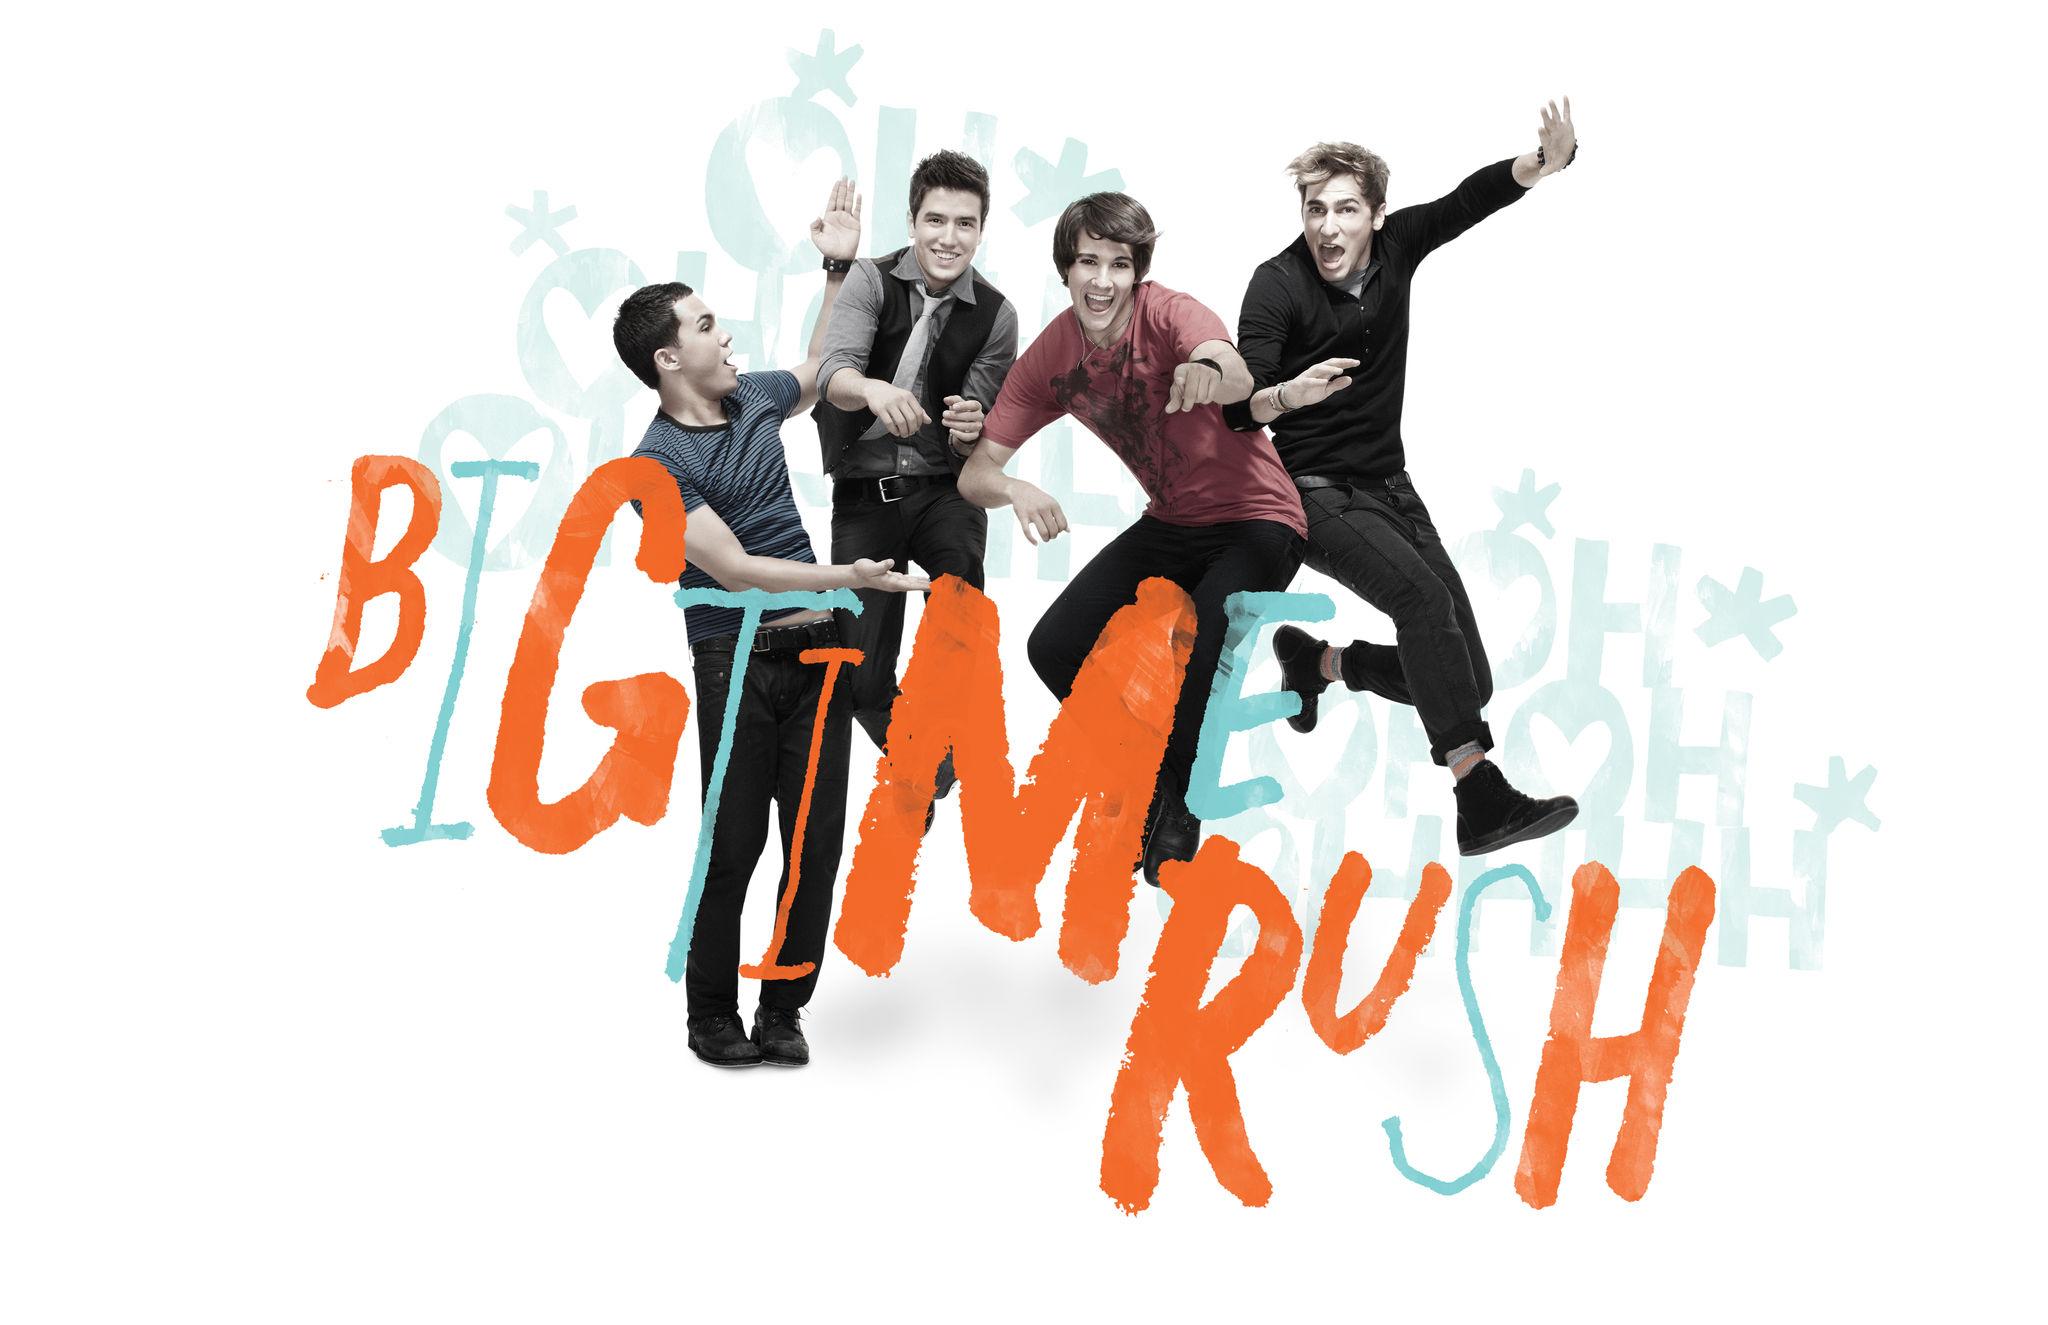 Promoshoot for Big Time Rush